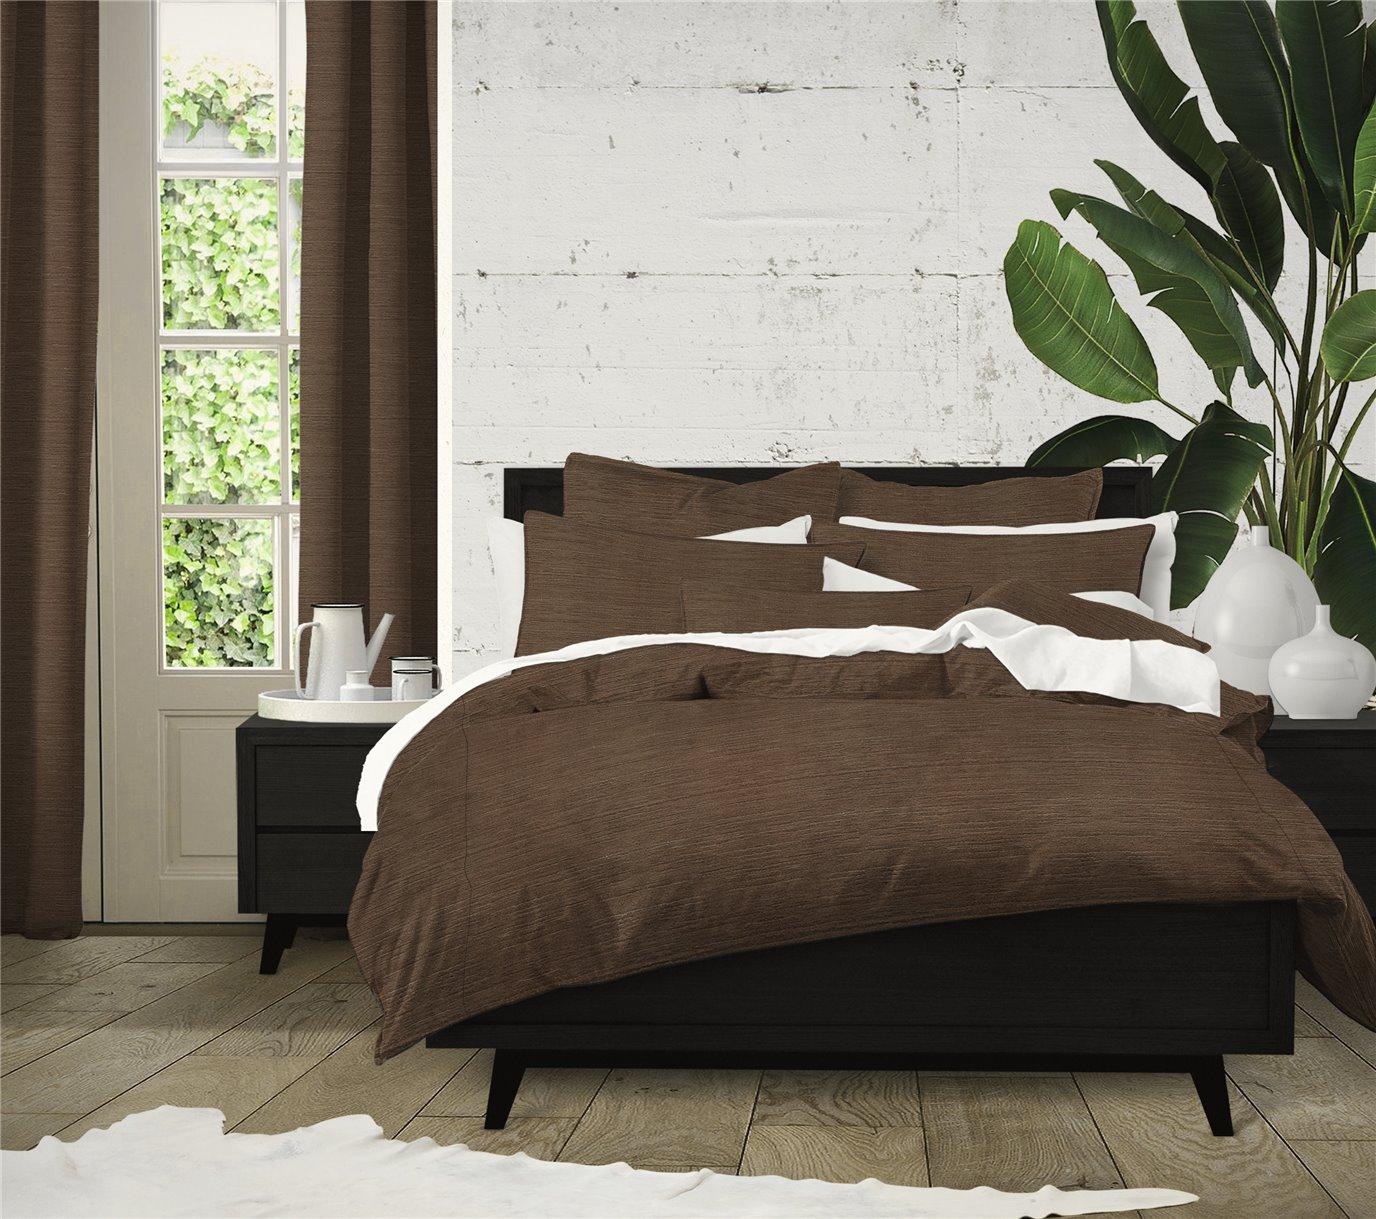 McGregor Chocolate Comforter Set - Super Queen